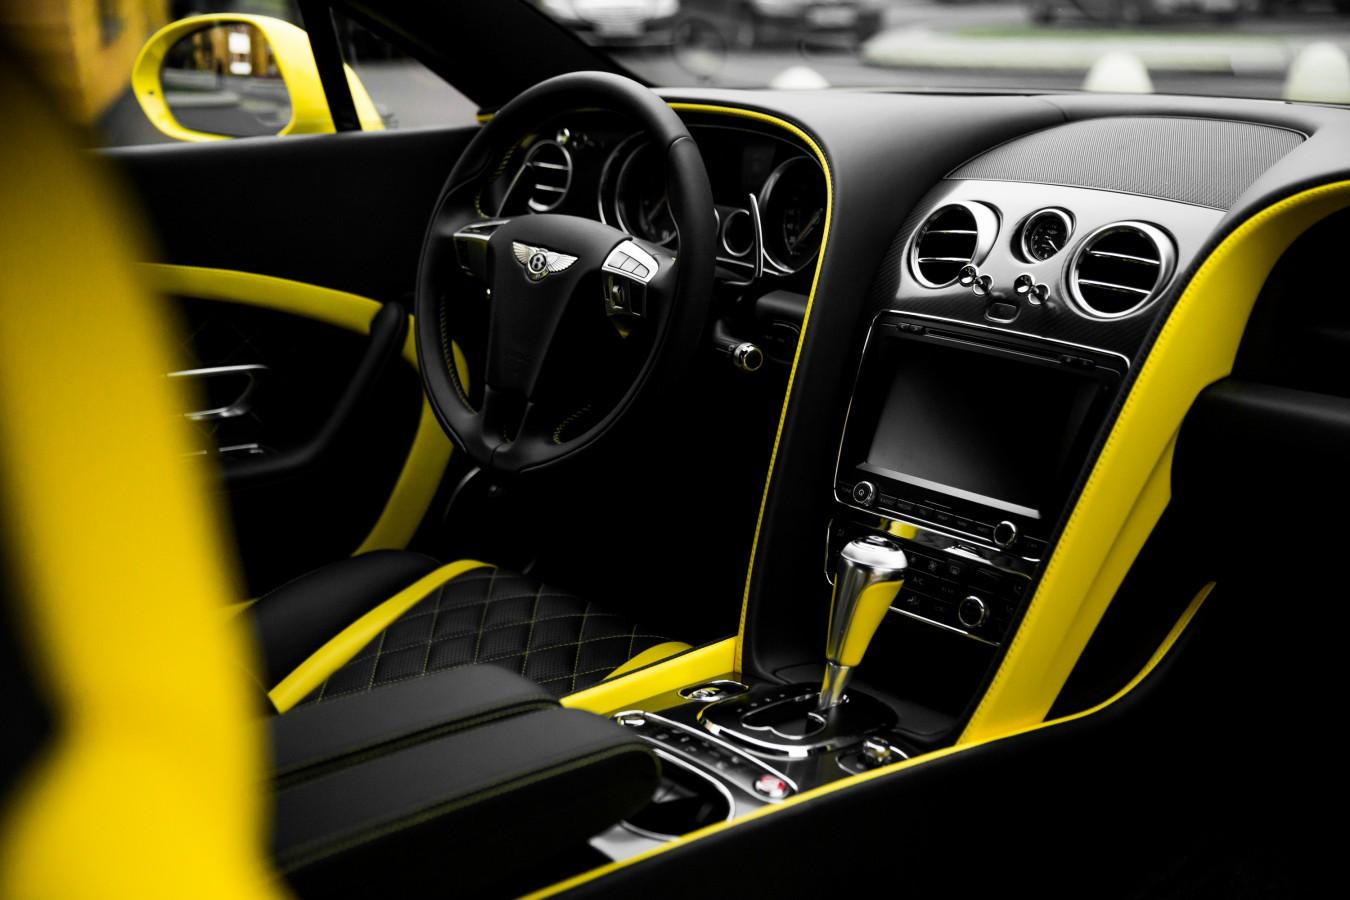 ОБНОВЛЕННЫЙ CONTINENTAL GT SPEED В ЭКСКЛЮЗИВНОЙ МОДИФИКАЦИИ BLACK EDITION - изображение NICK8899 на Bentleymoscow.ru!